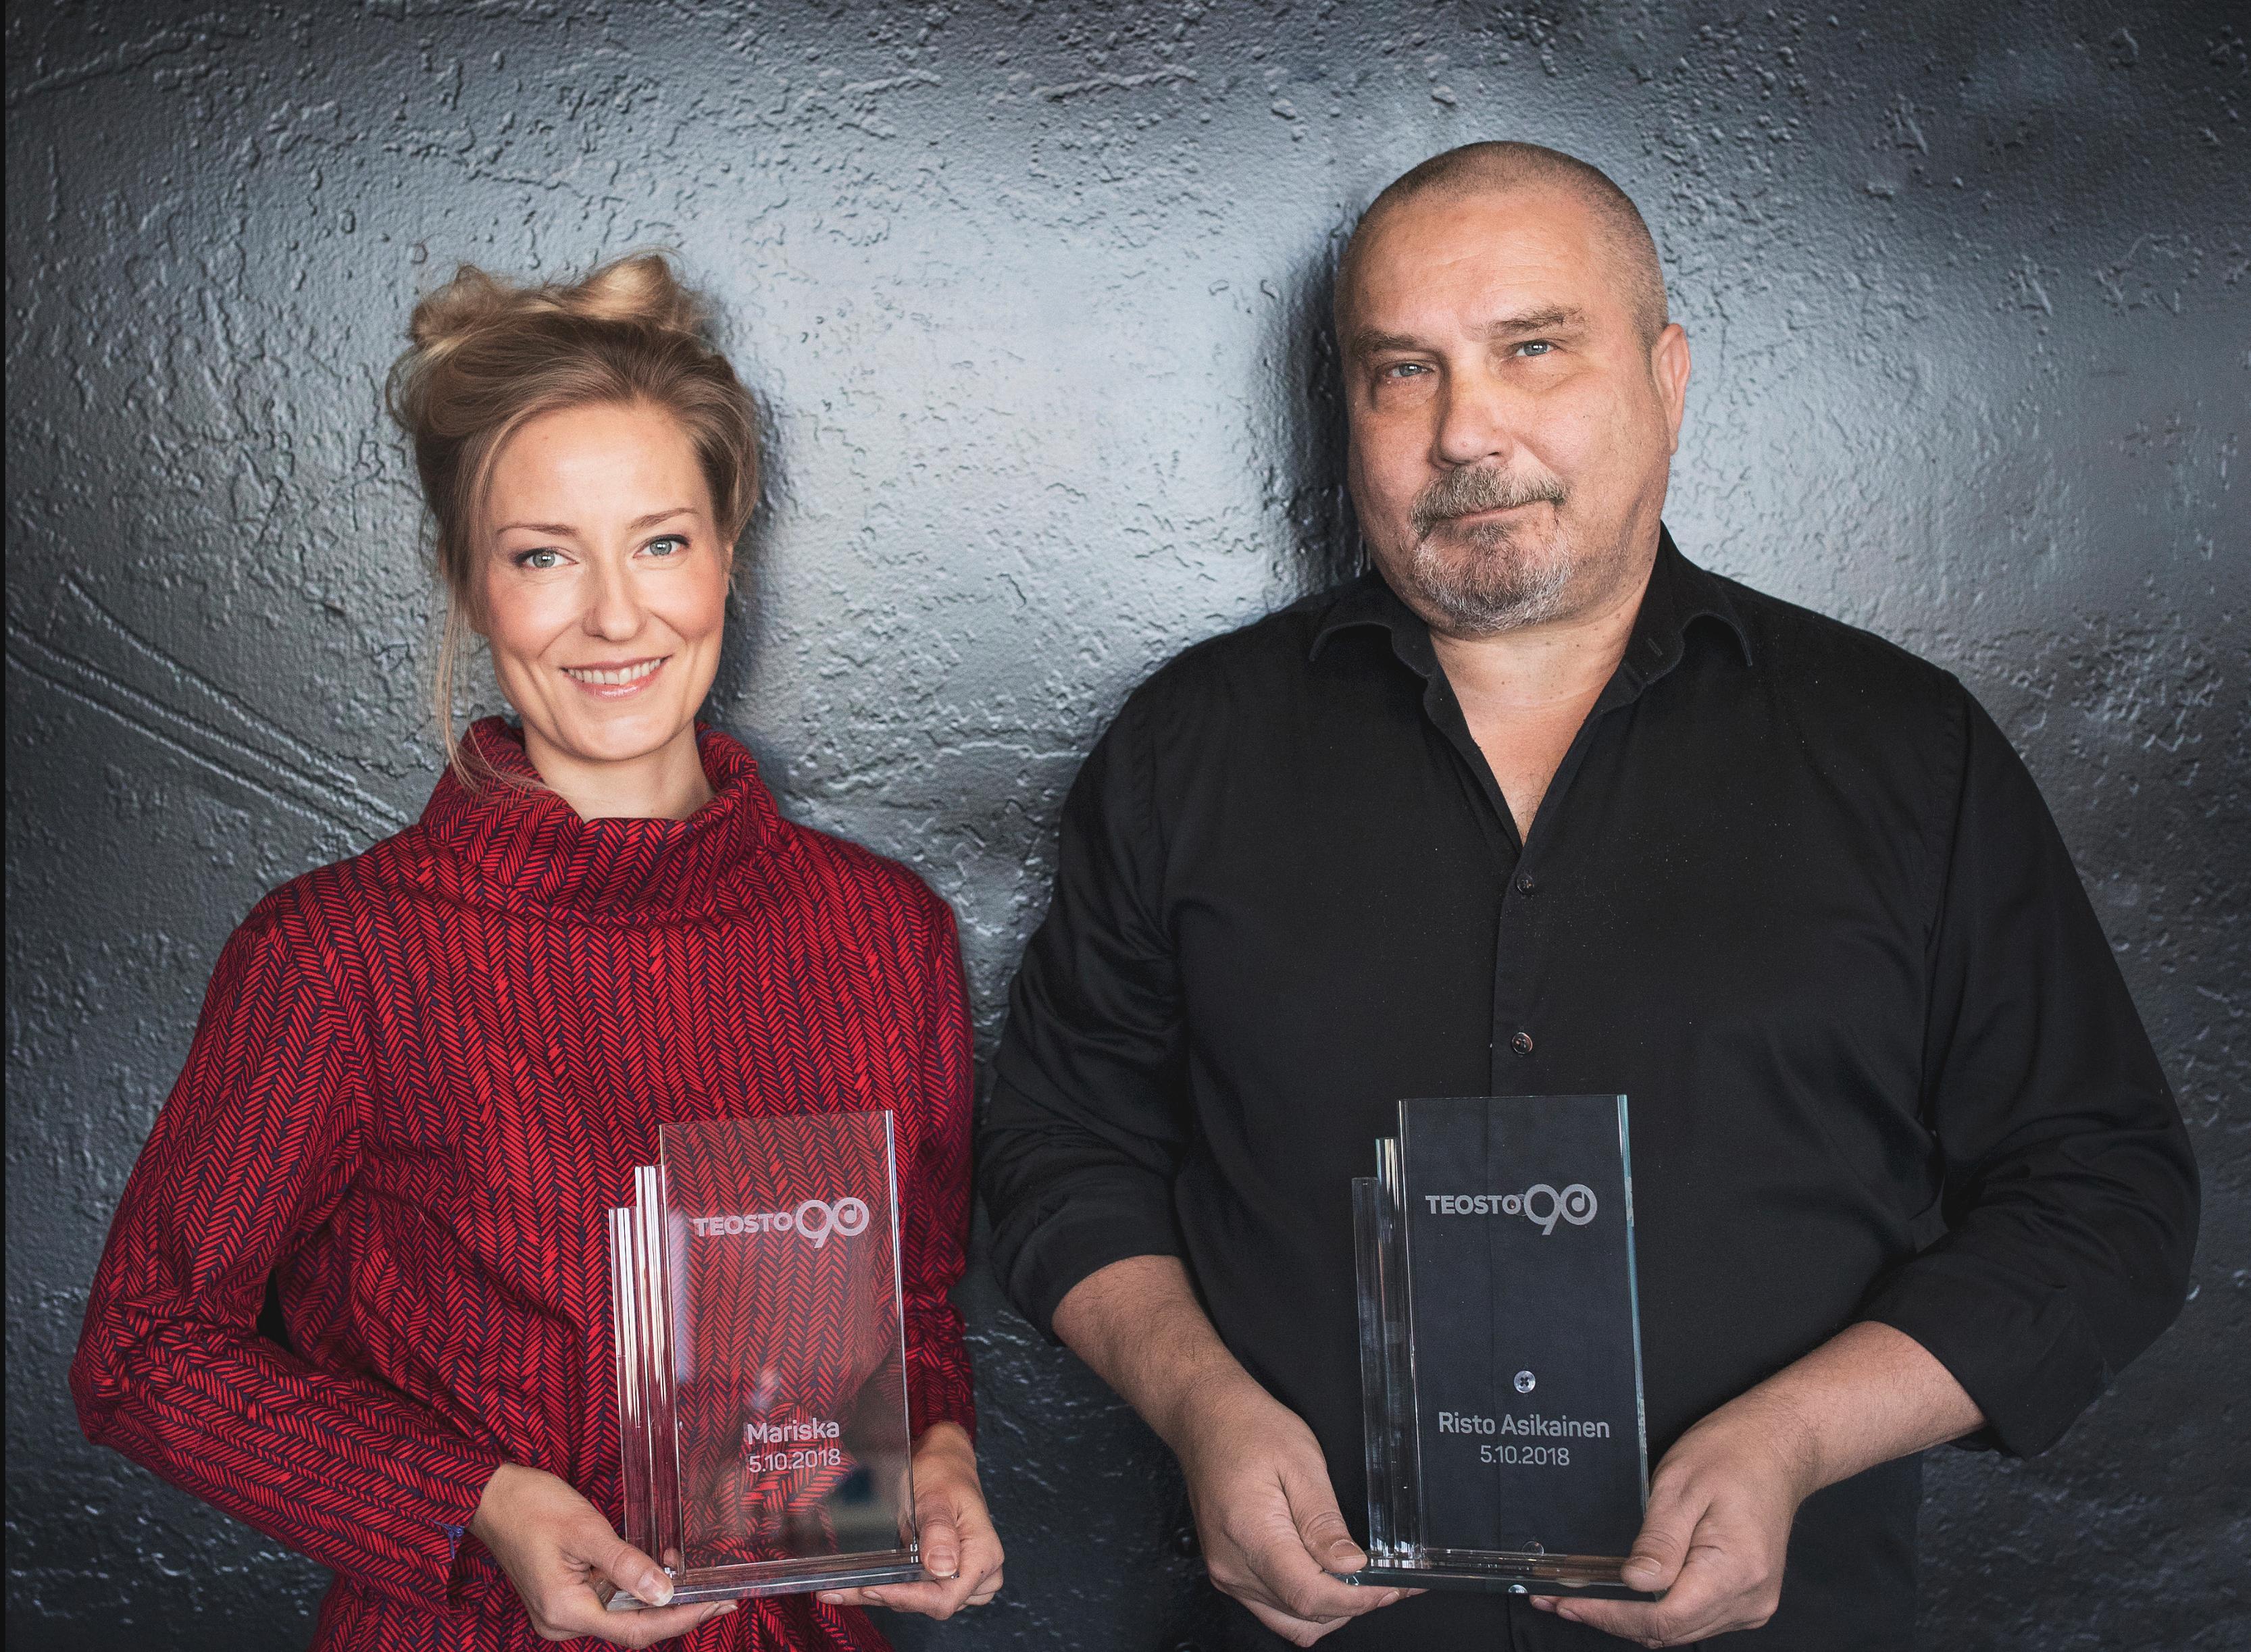 Mariska ja Risto Asikainen saivat Teosto 90 -tunnustuspalkinnot